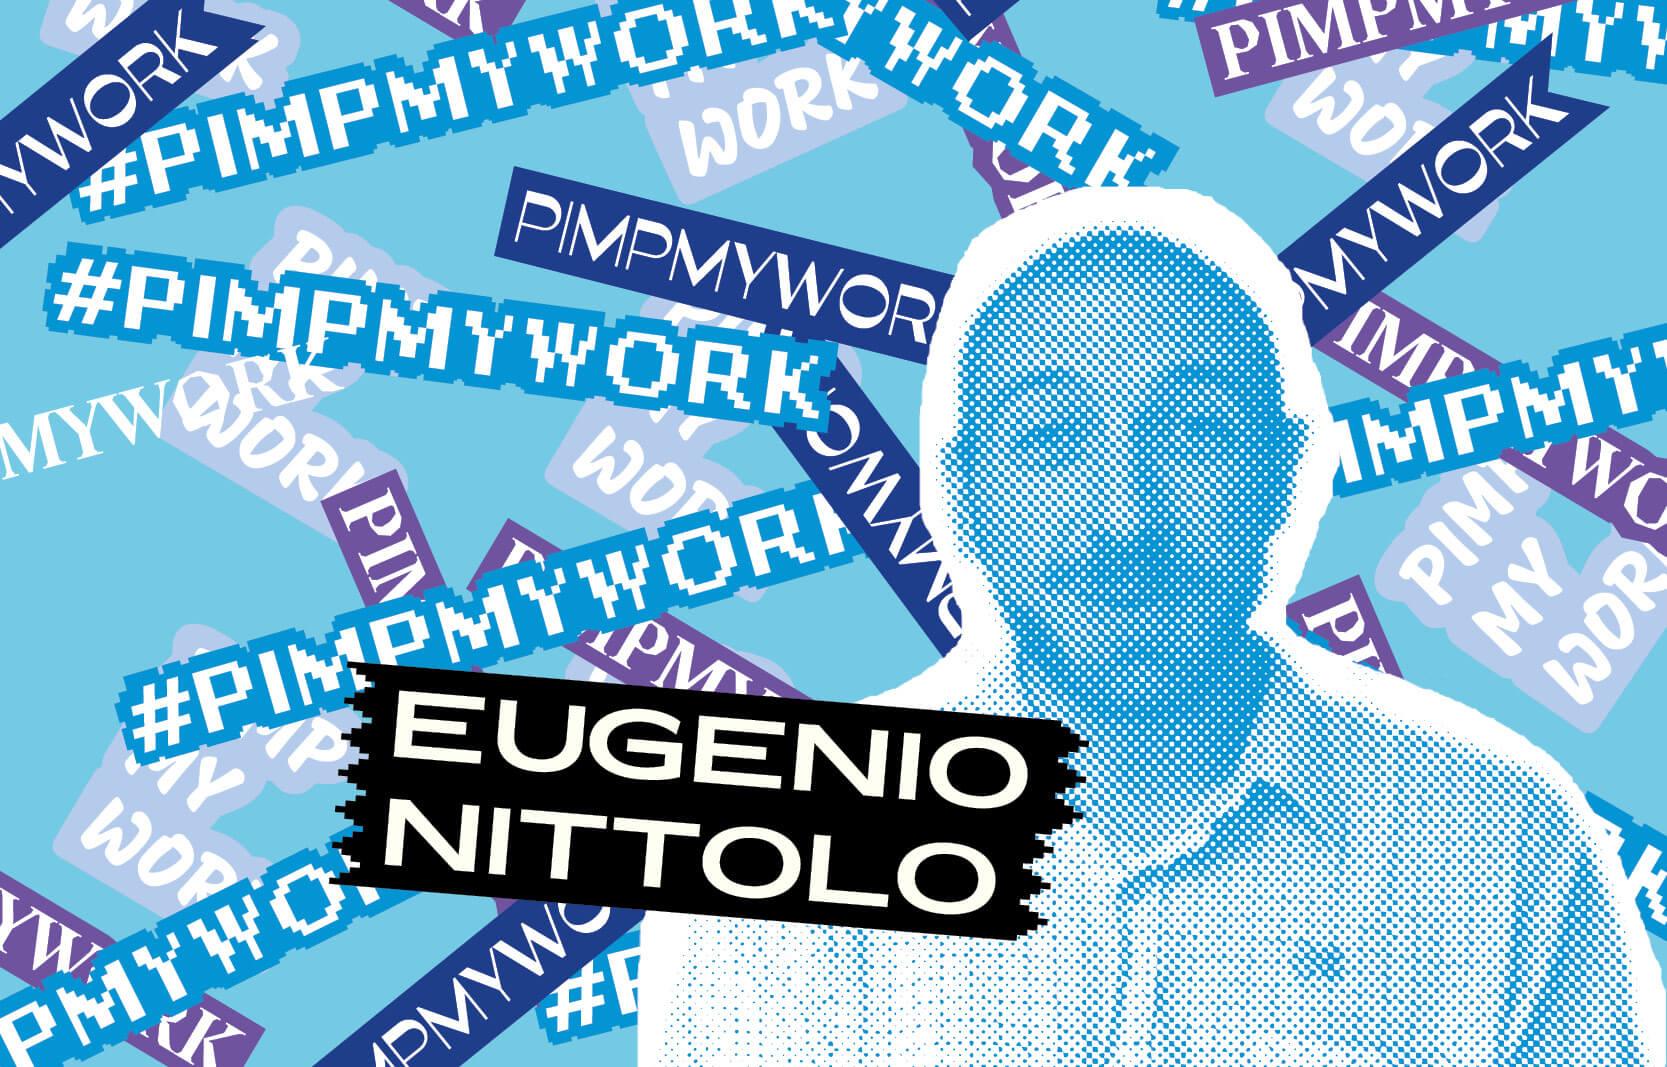 Eugenio Nittolo